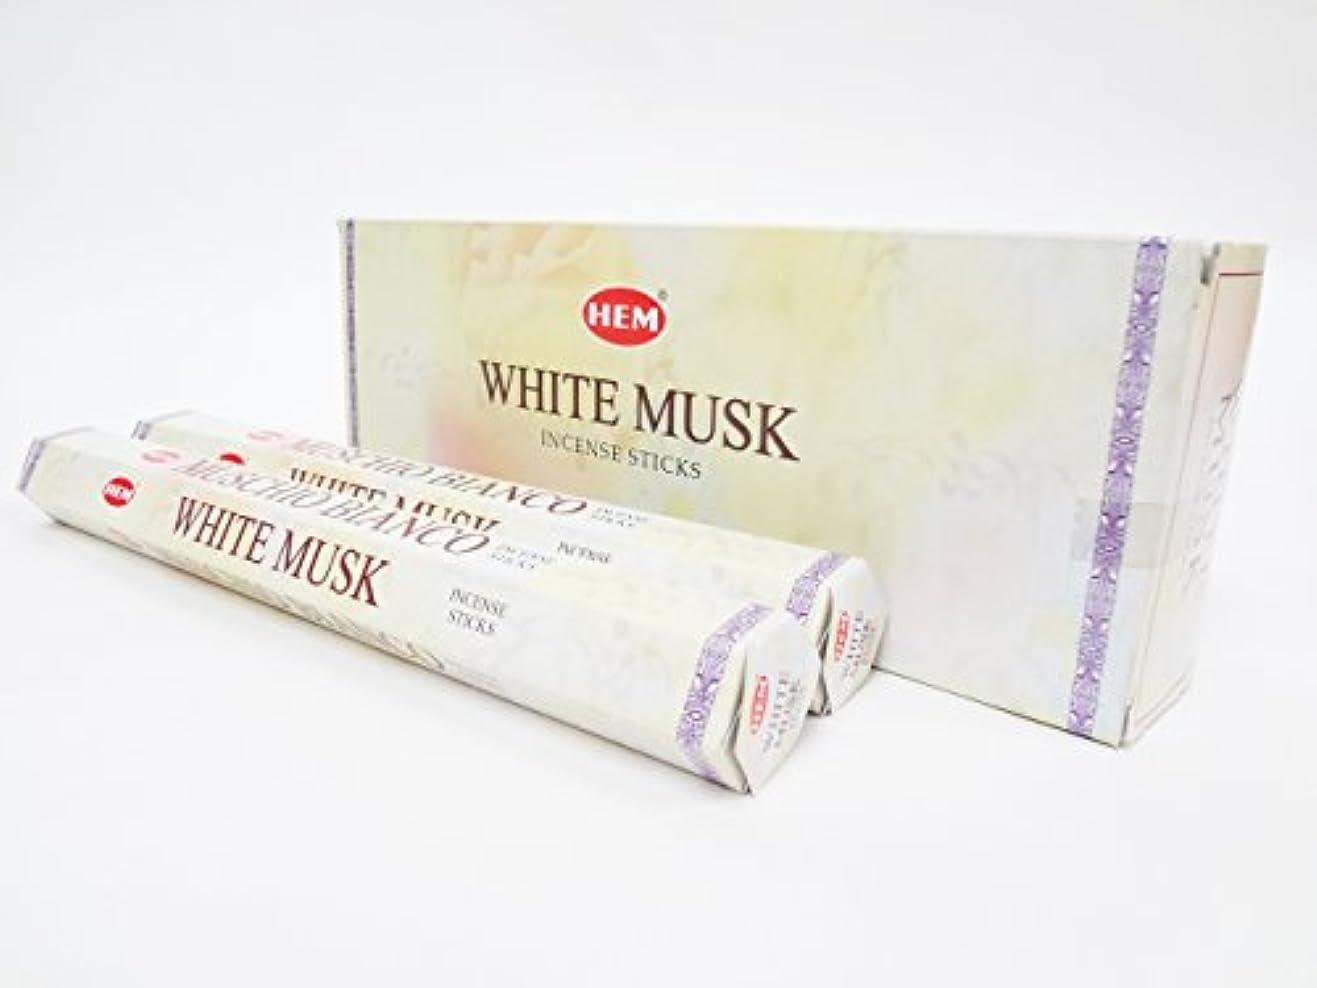 またはどちらか会社でもHEM ヘム ホワイトムスク WHITEMUSK ステック お香 6本 セット